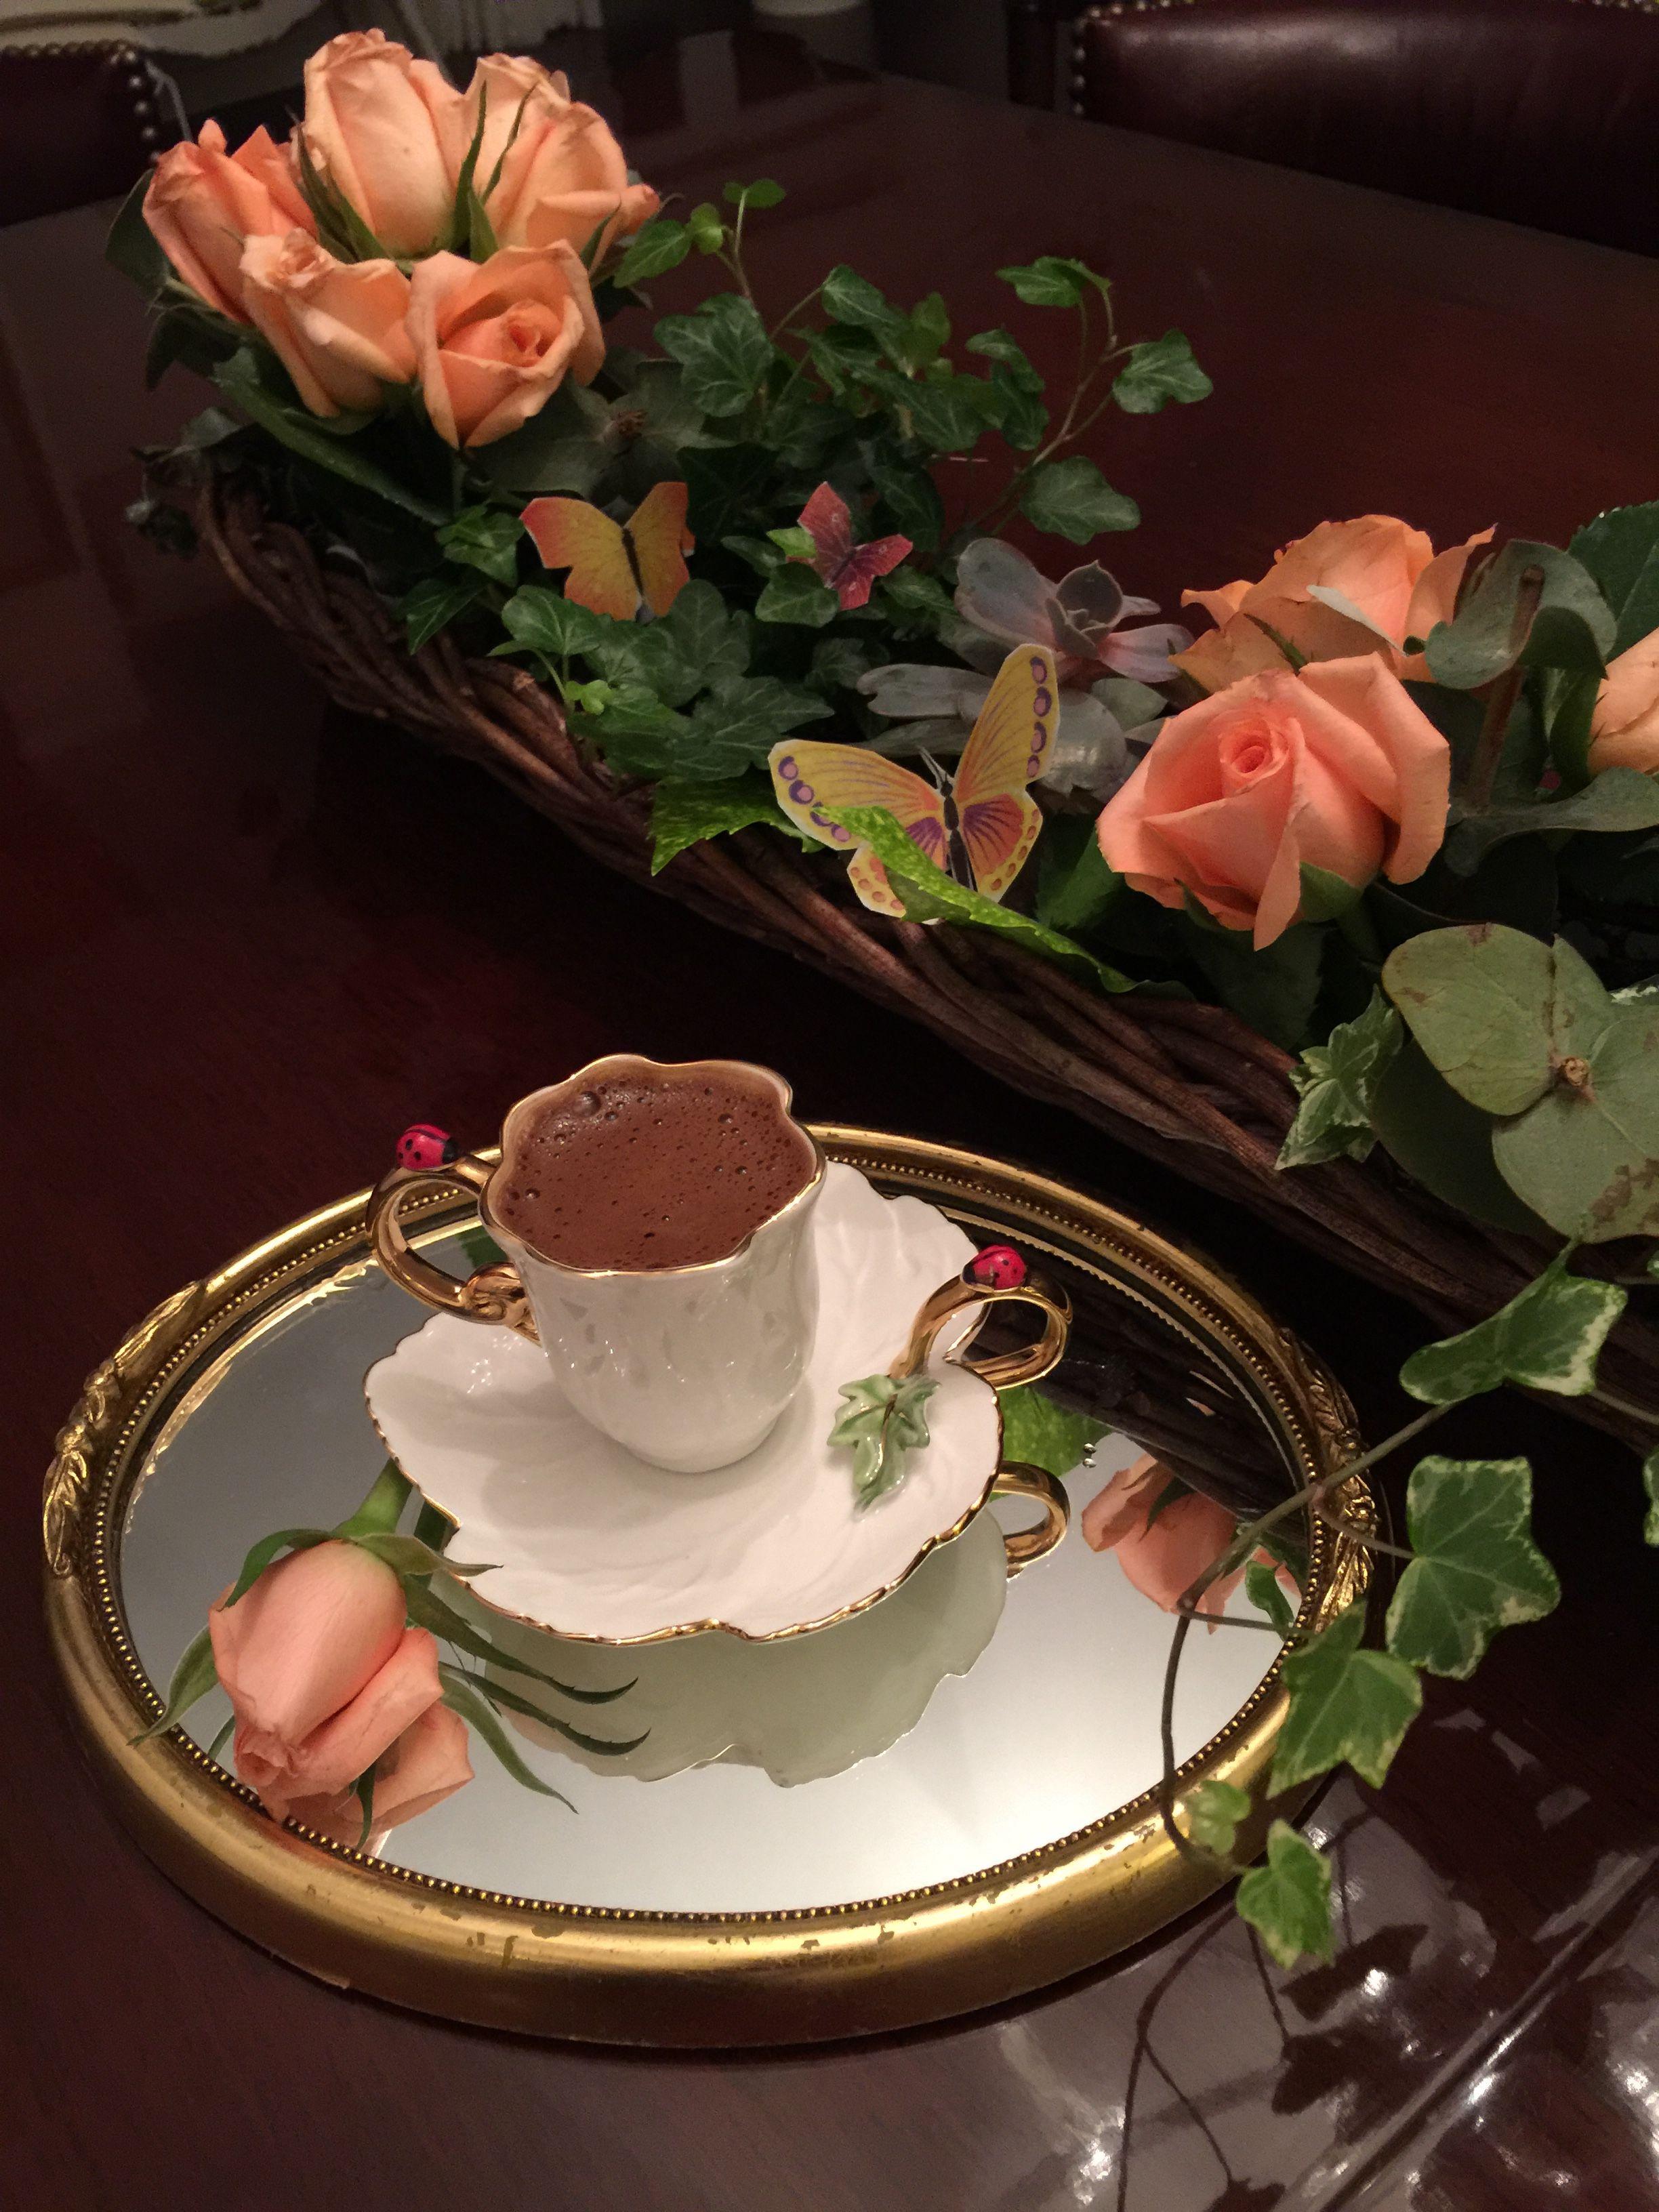 кофе шоколад и цветы картинки анимация повезло, горе